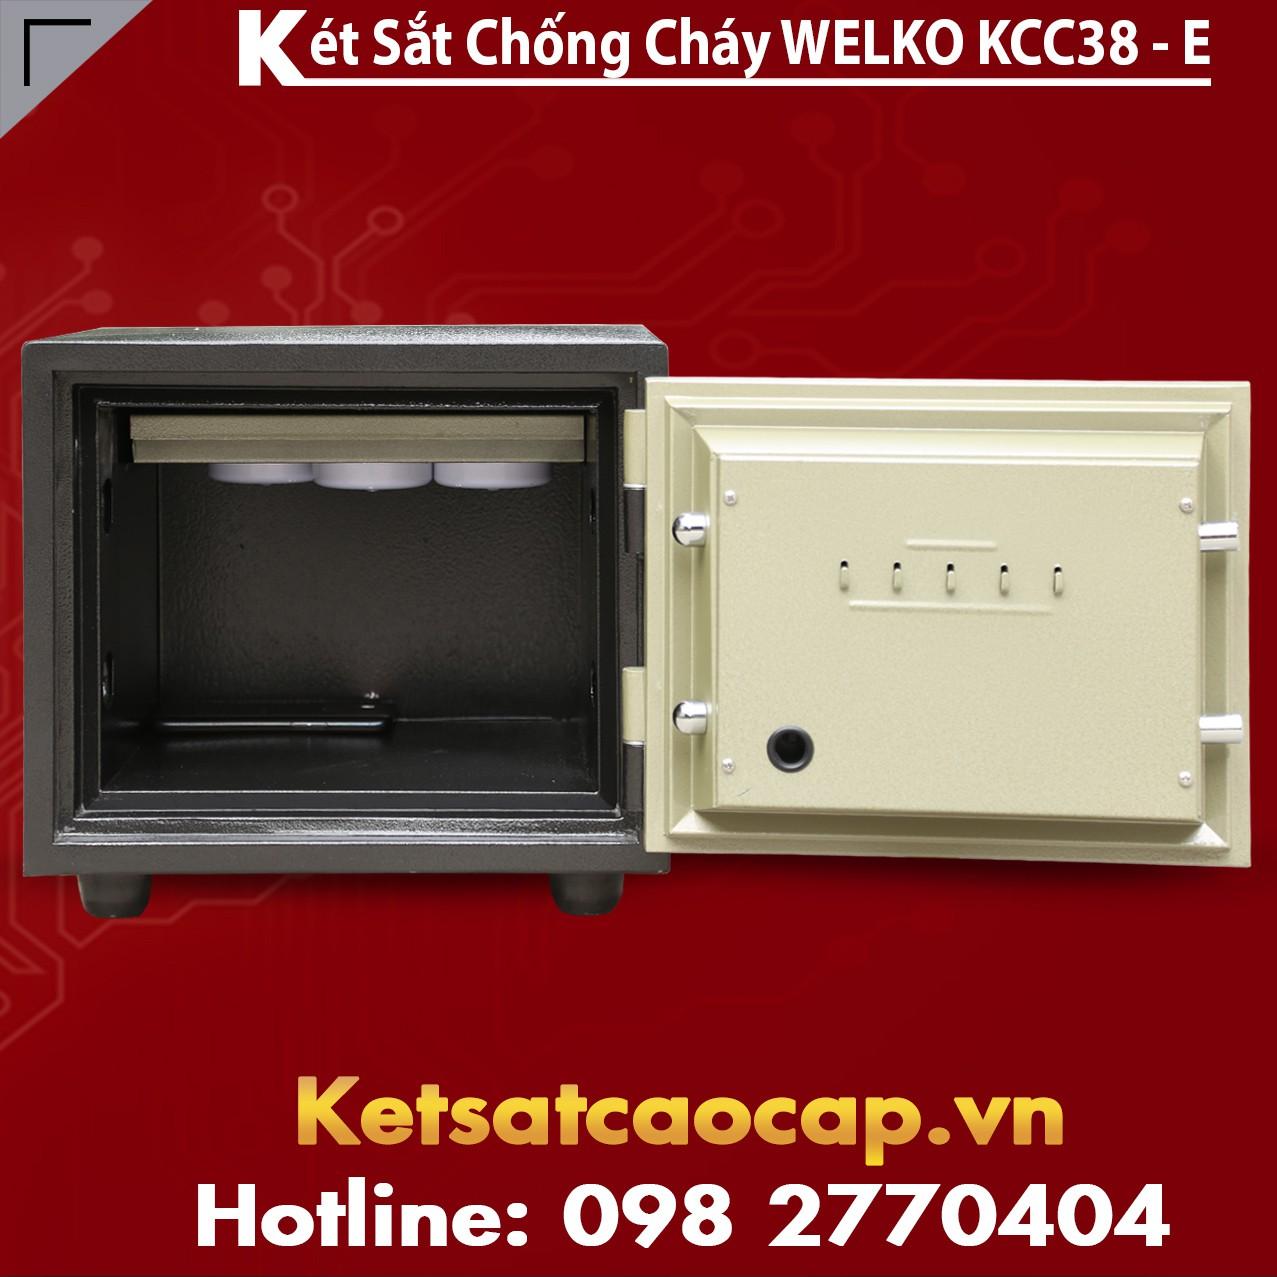 Két Sắt Chống Cháy KCC38 E - GOLD